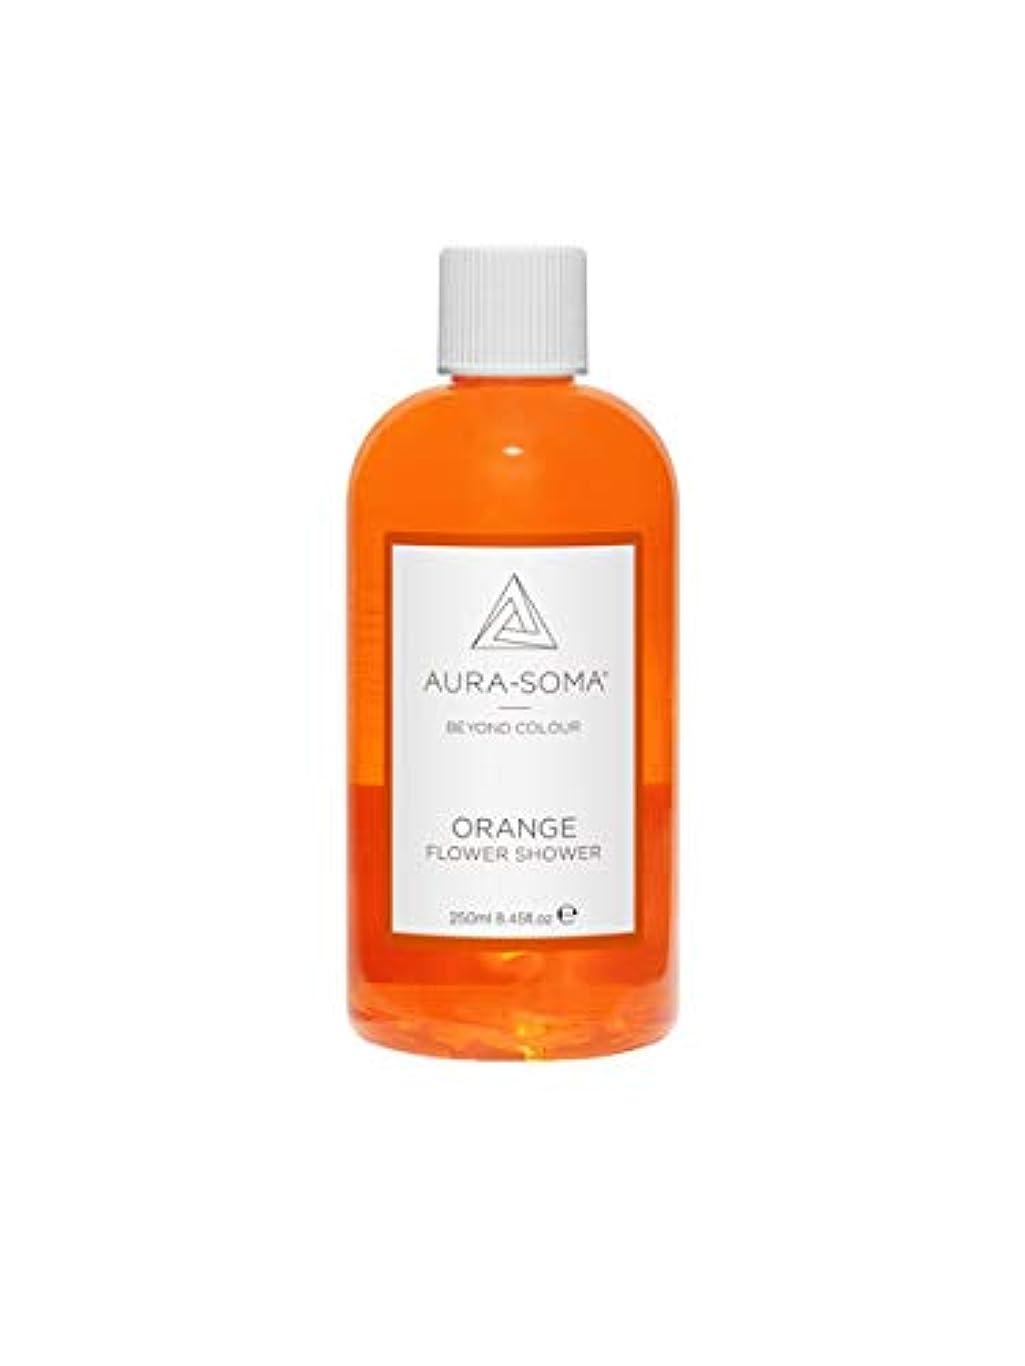 フラワーシャワー 250ml オレンジ